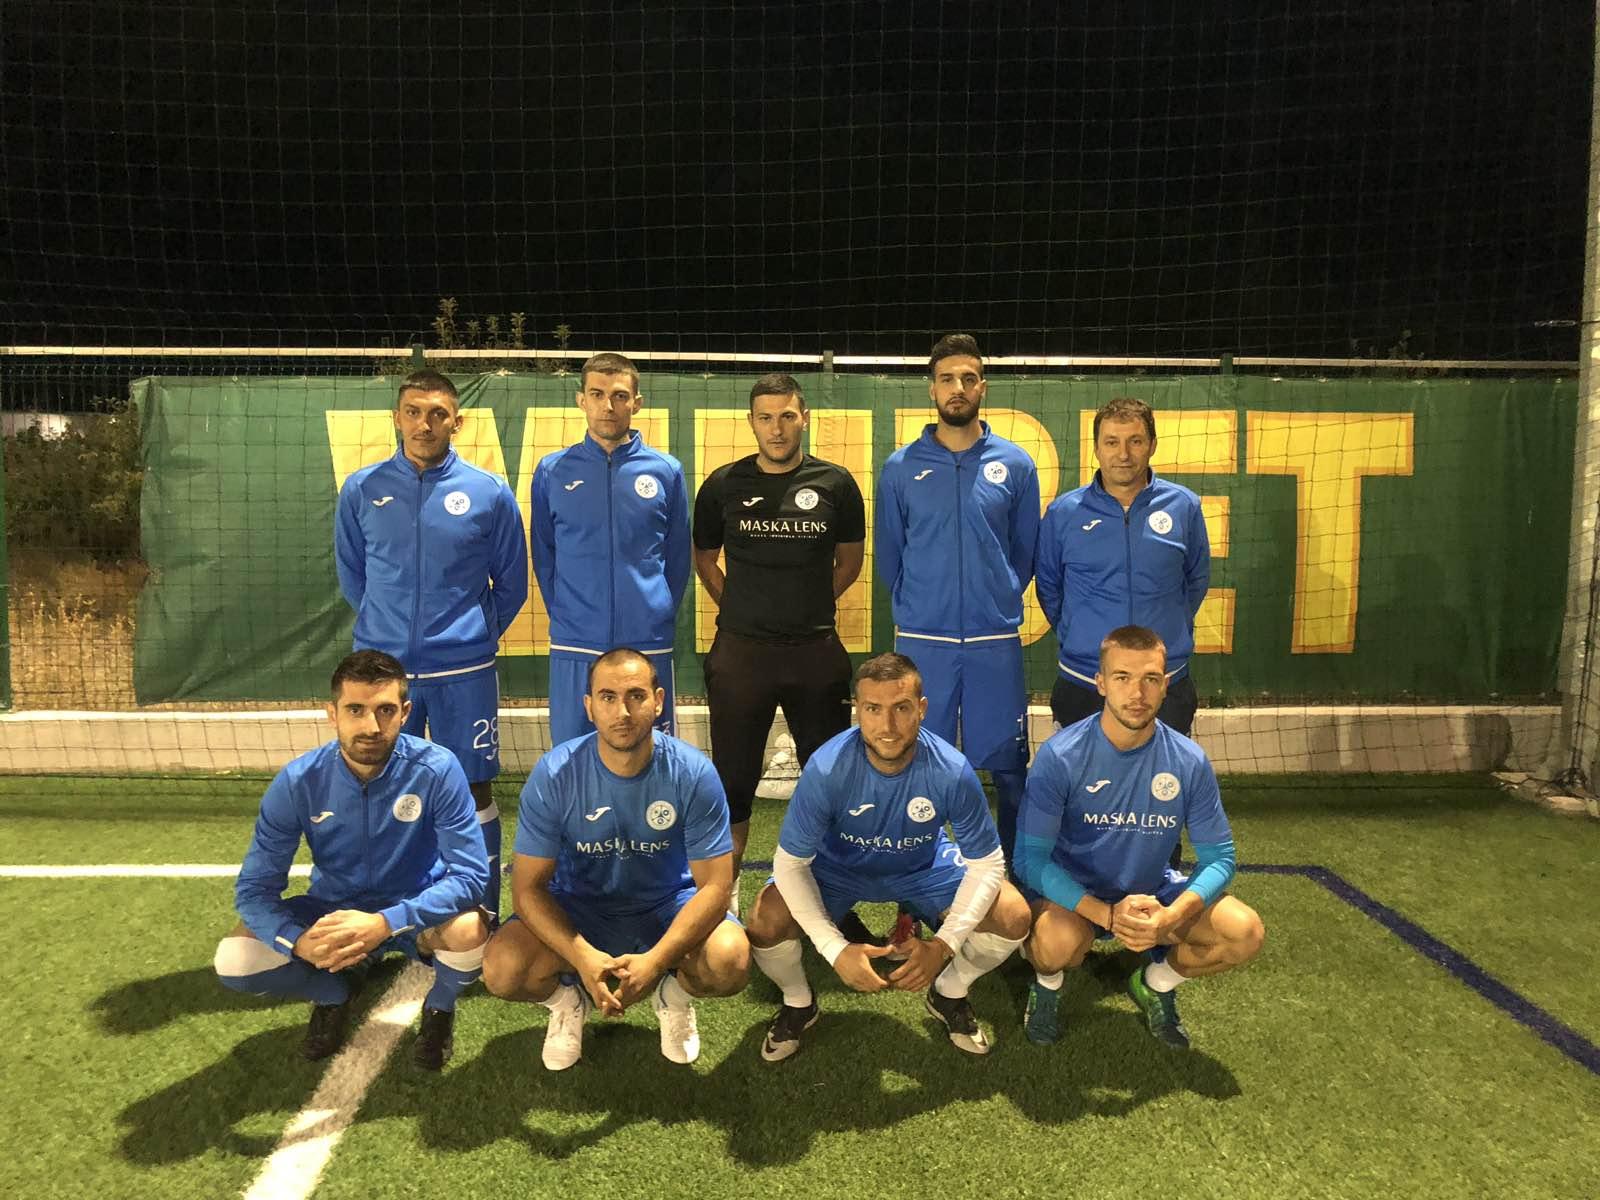 FC Maska Lens